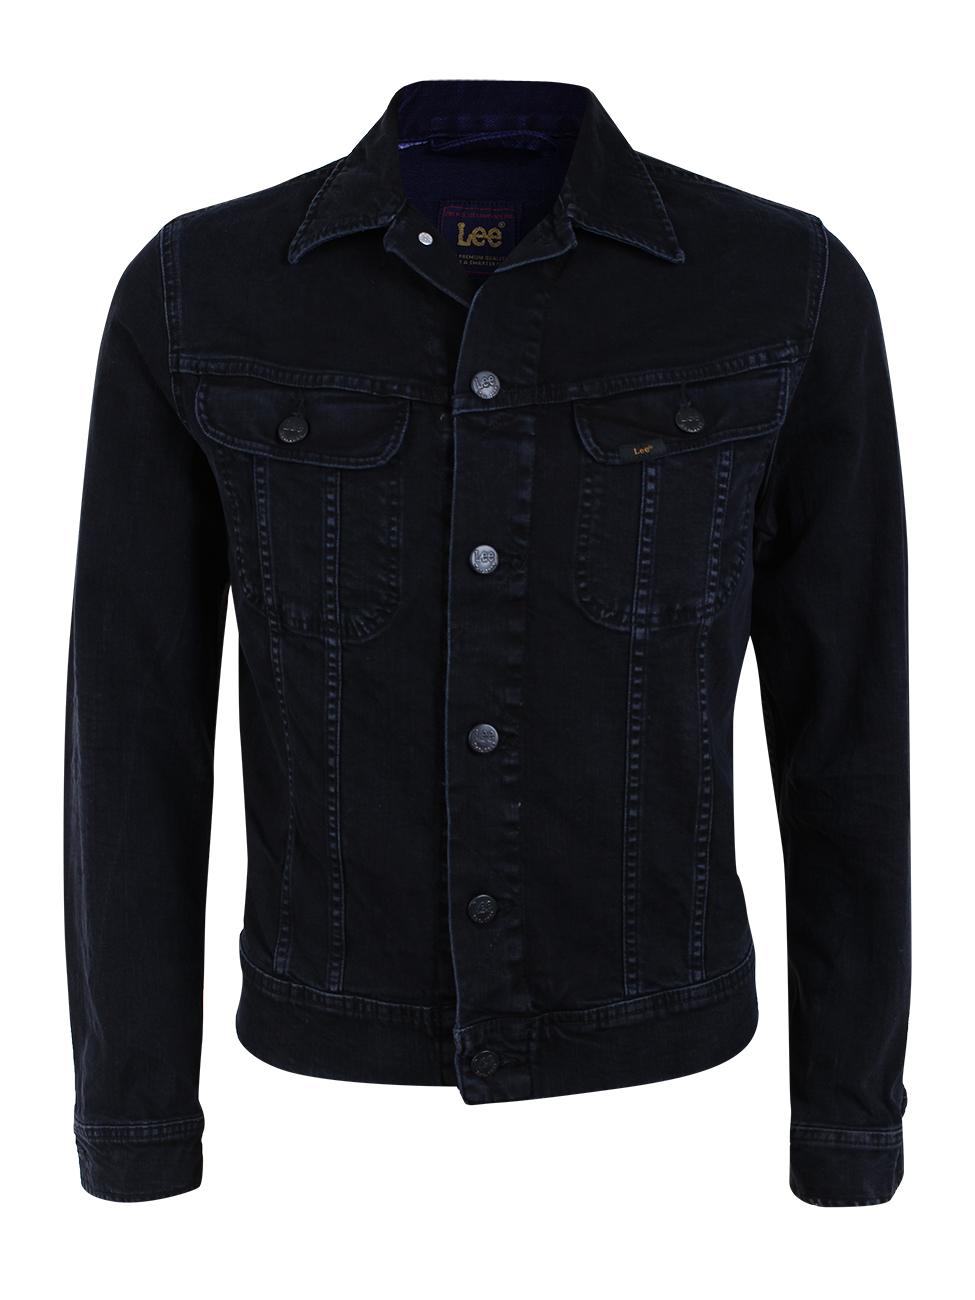 Jeansjacken von LEE in verschiedenen Farben aktionsweise ohne Versandkosten